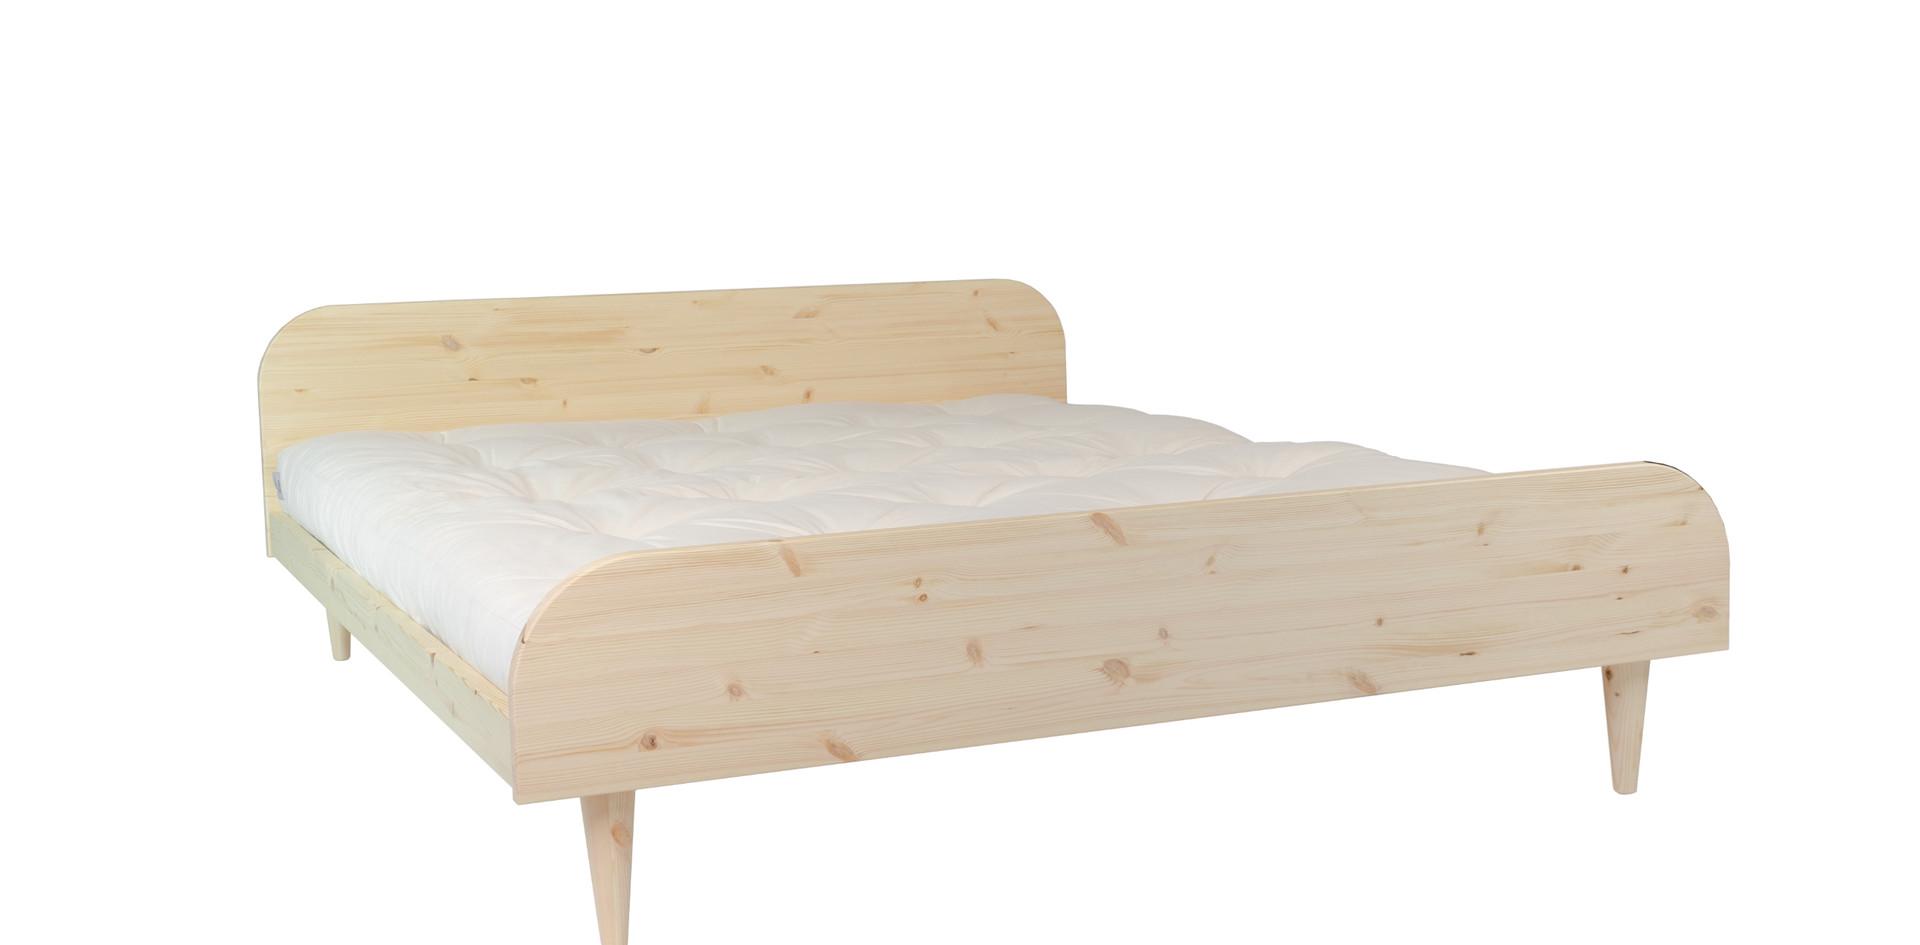 ξύλινο διπλό κρεβάτι με χαμηλό κεφαλάρι